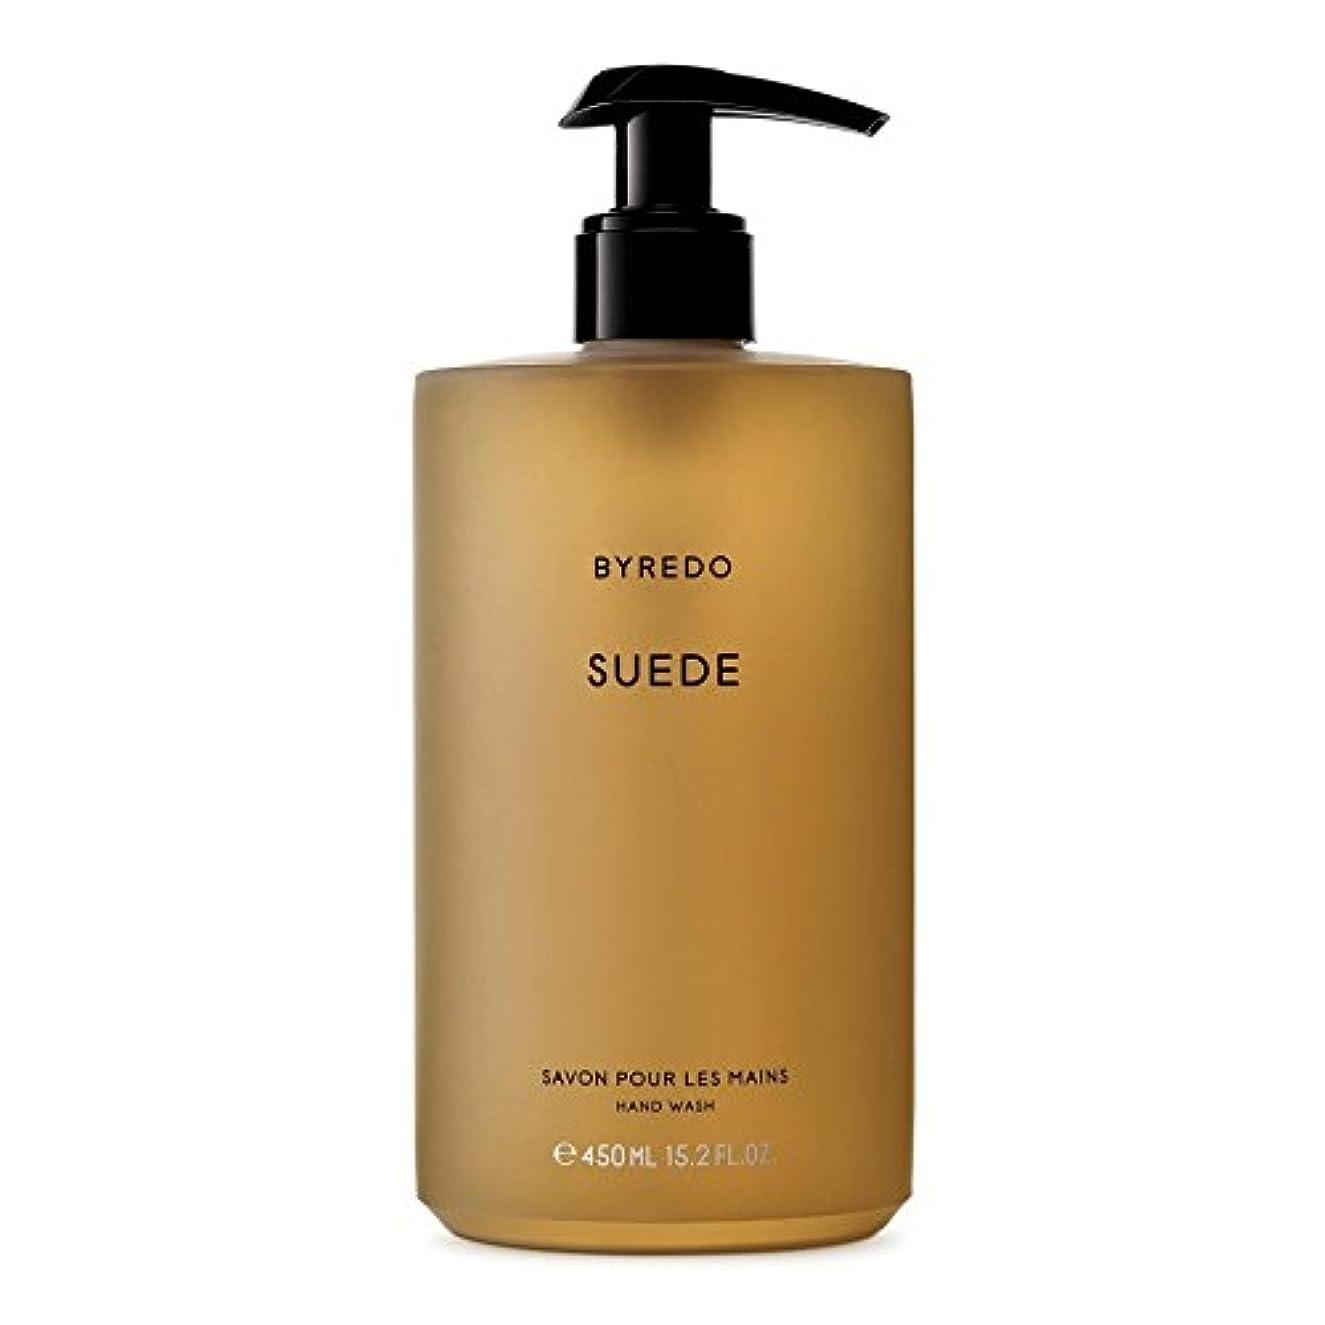 浴室汚染された自然Byredo Suede Hand Wash 450ml - スエードのハンドウォッシュ450ミリリットル [並行輸入品]